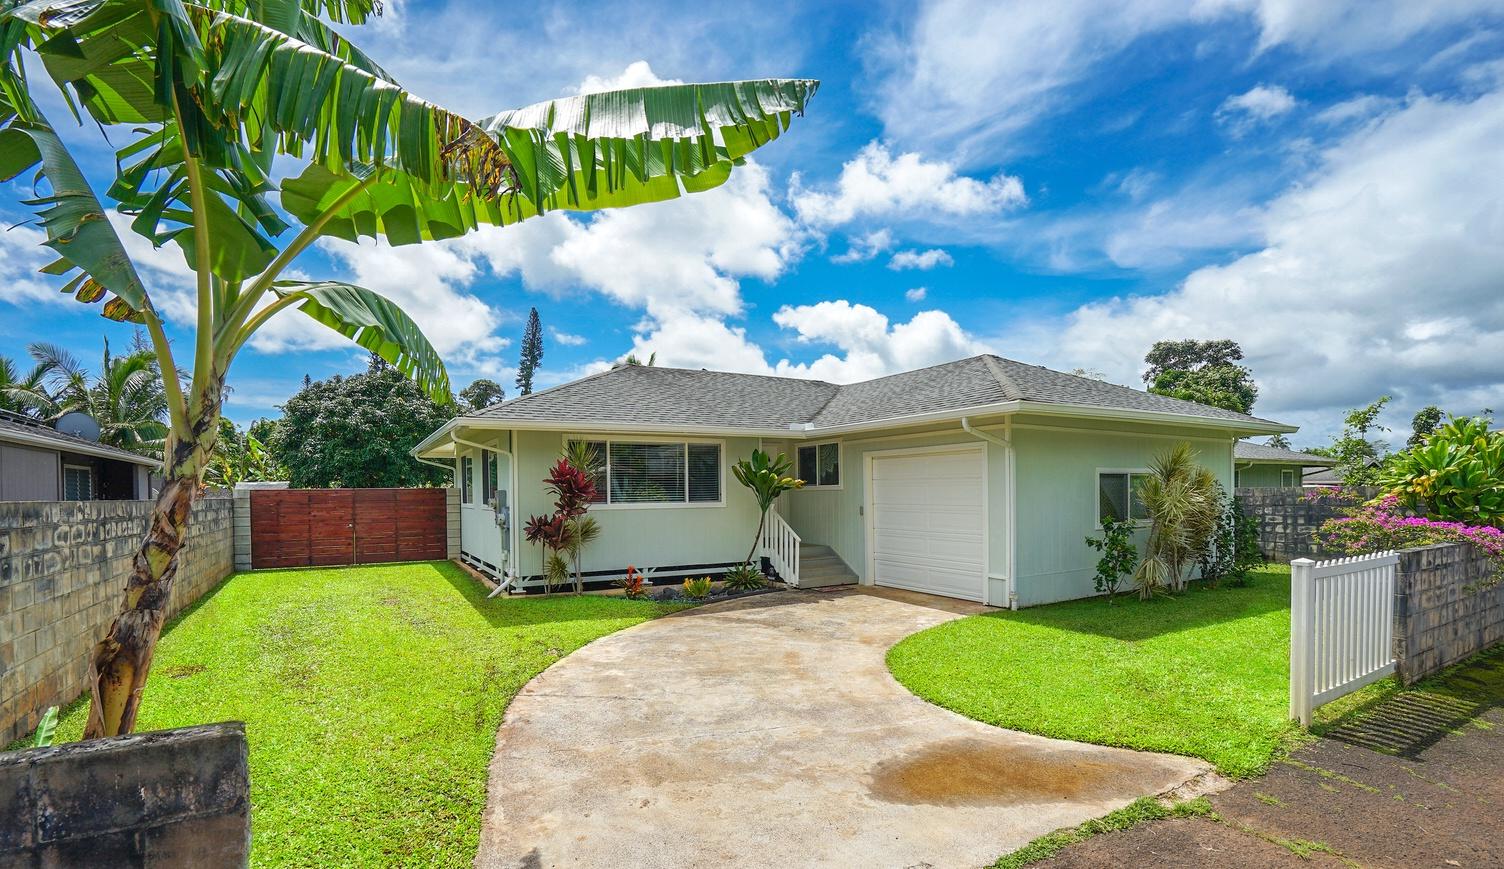 Kauai immaculate 3bd 2ba home in wailua homesteads for Kauai life real estate